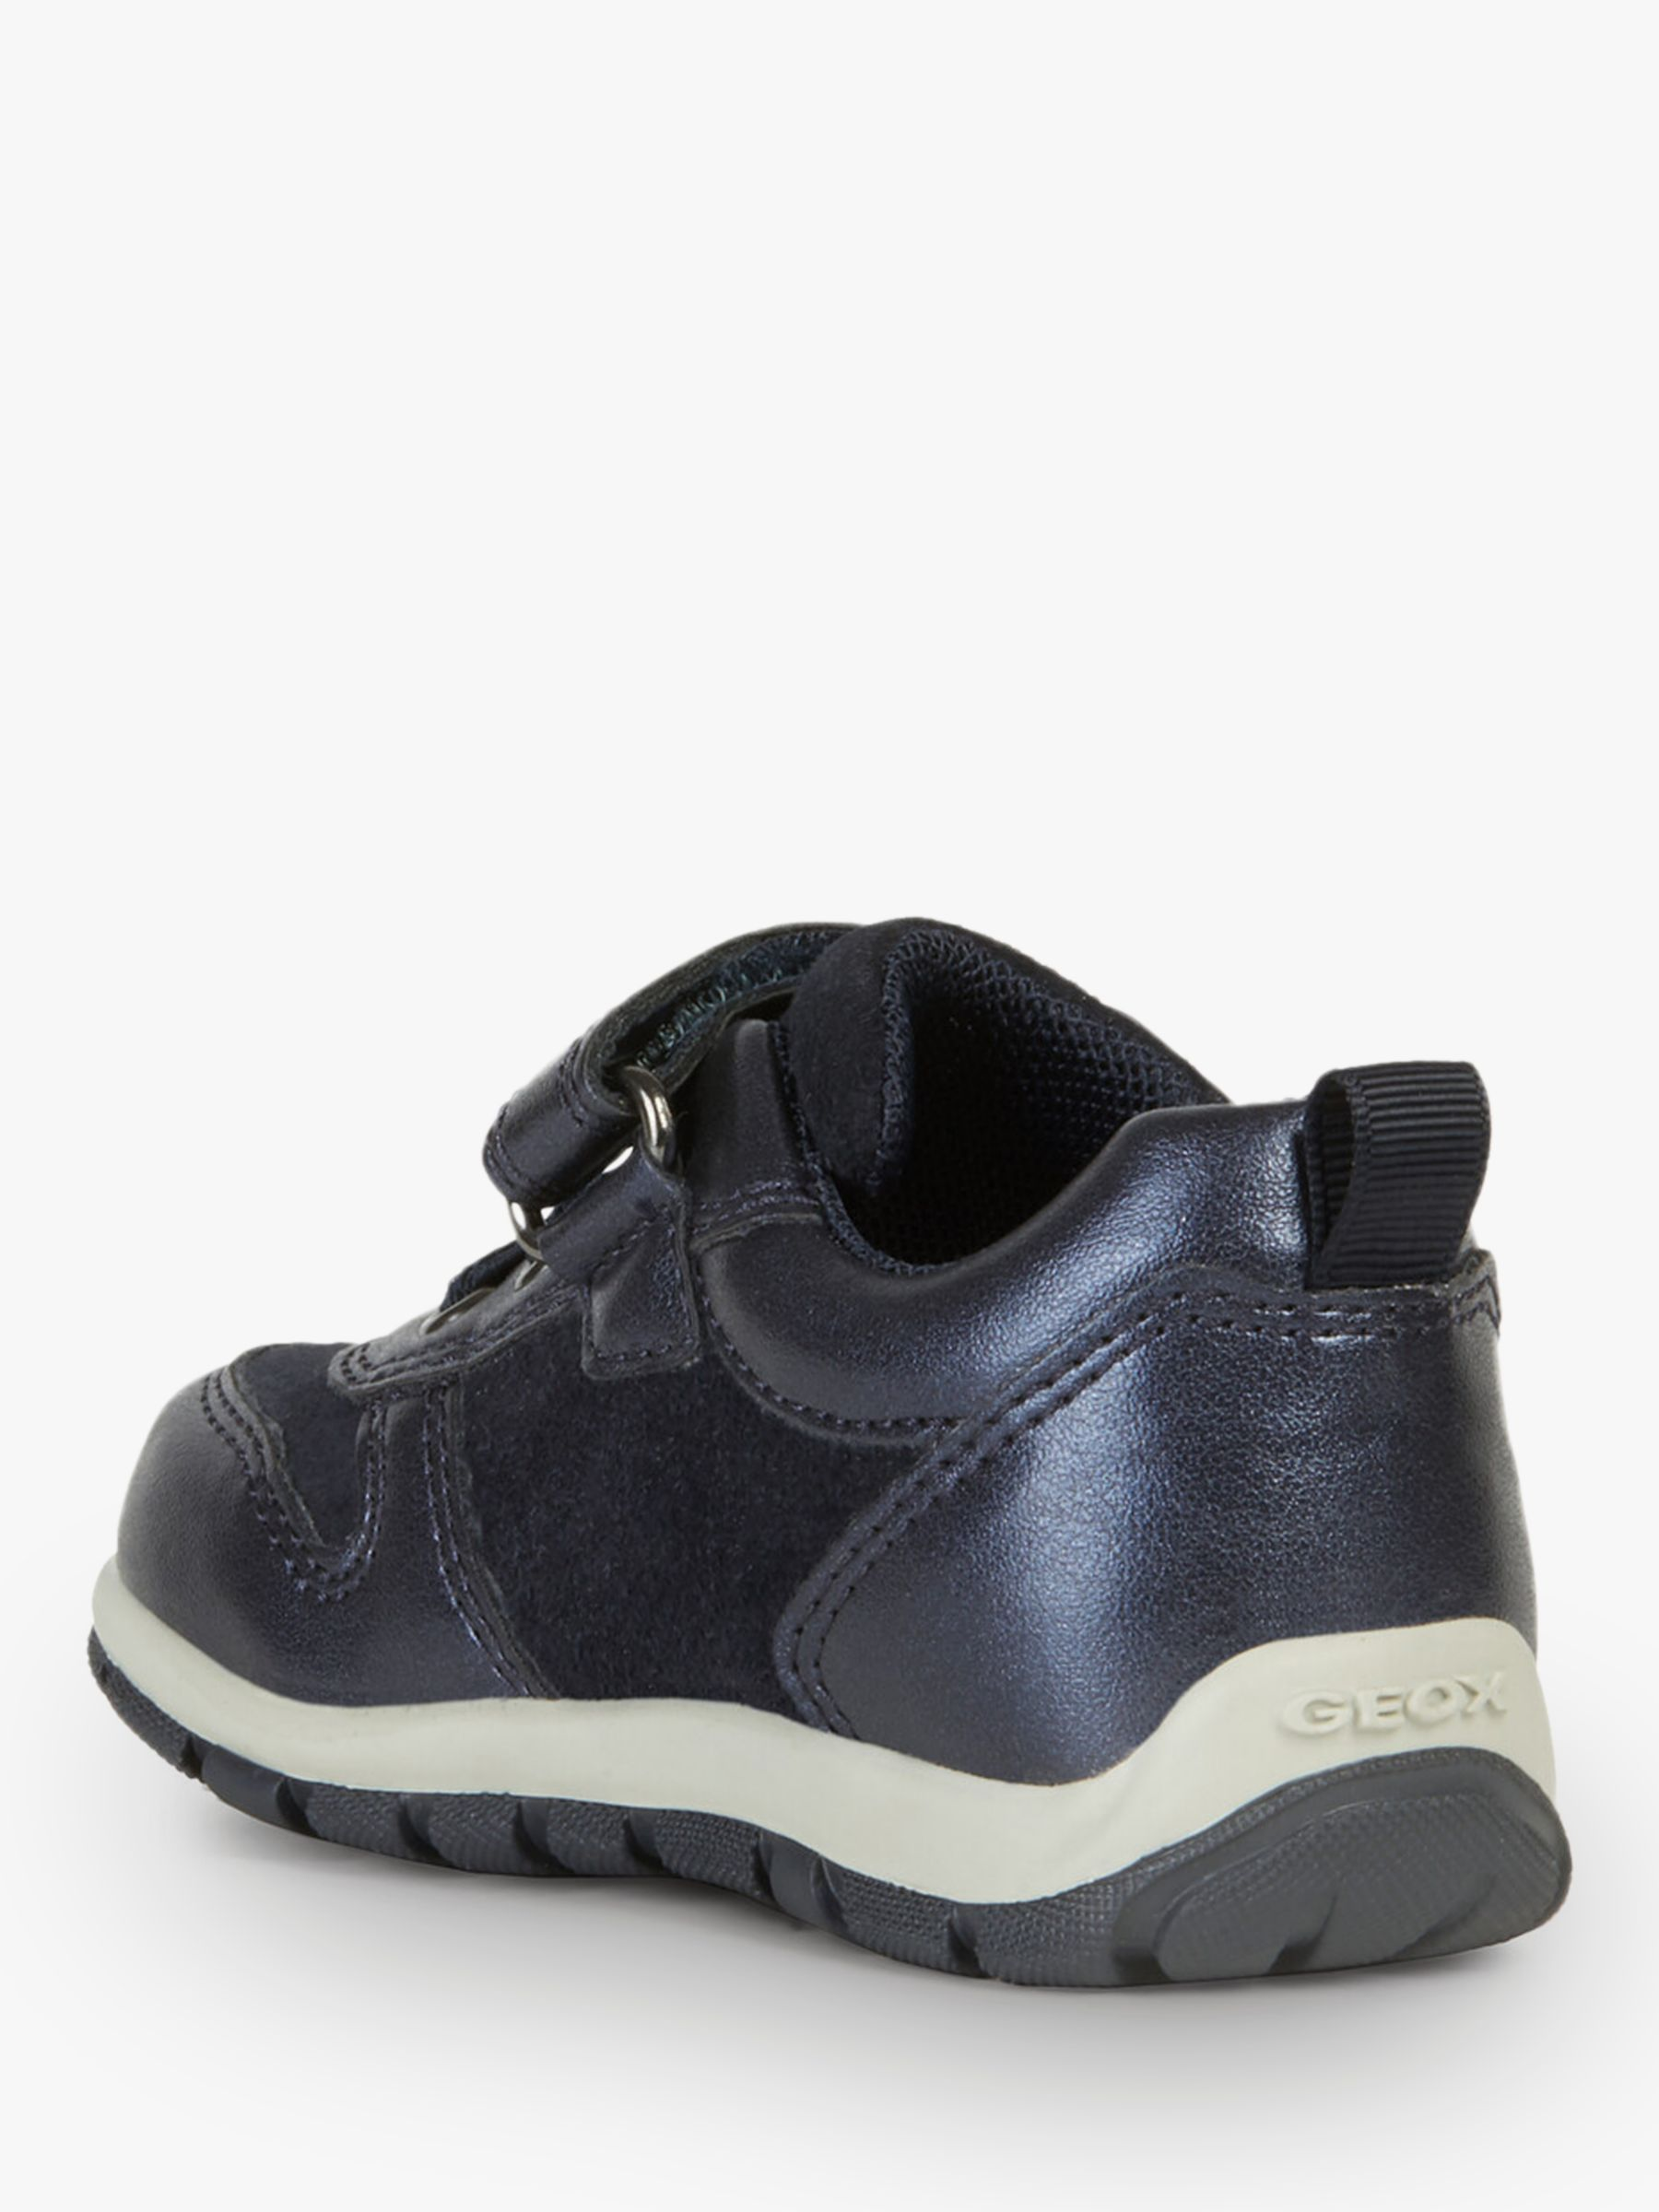 Rabatt-Verkauf klassisch attraktiver Stil Geox Children's Shaax Riptape Trainers, Navy | Girls shoes ...